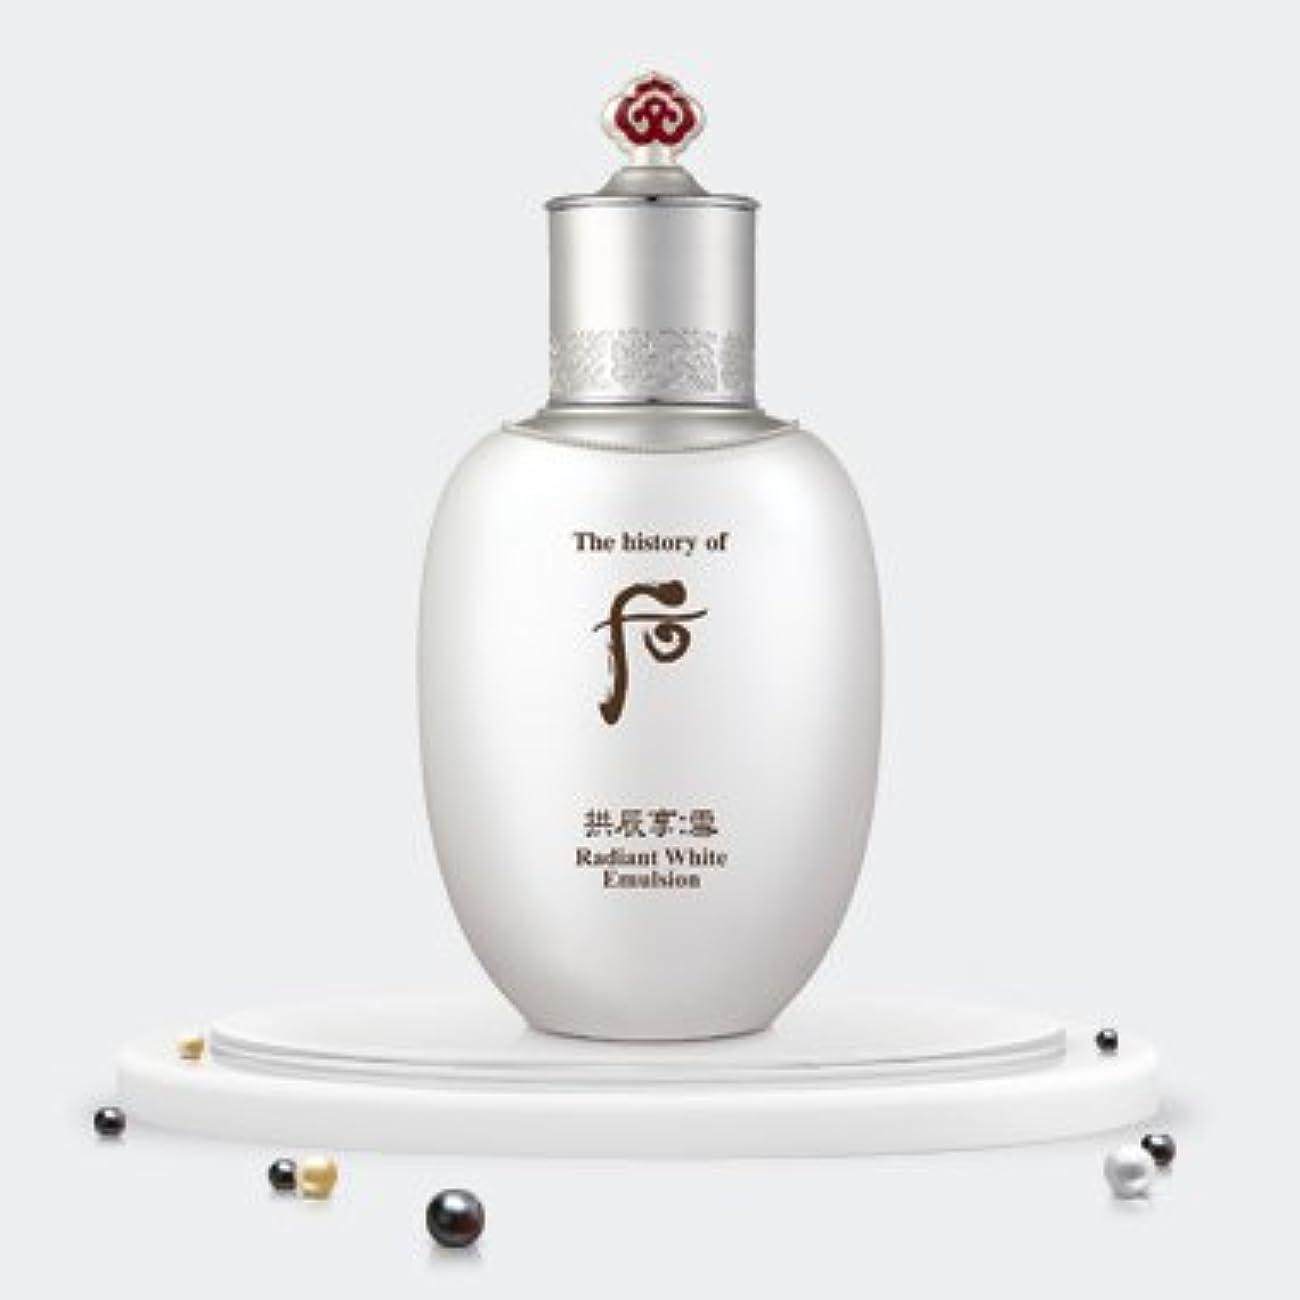 アンテナ同化する明るくするThe history of Whoo Gongjinhyang Seol Radiant White Lotion 110ml/ザ ヒストリー オブ フー (后) 拱辰享 雪 ラディアント ホワイト ローション 110ml